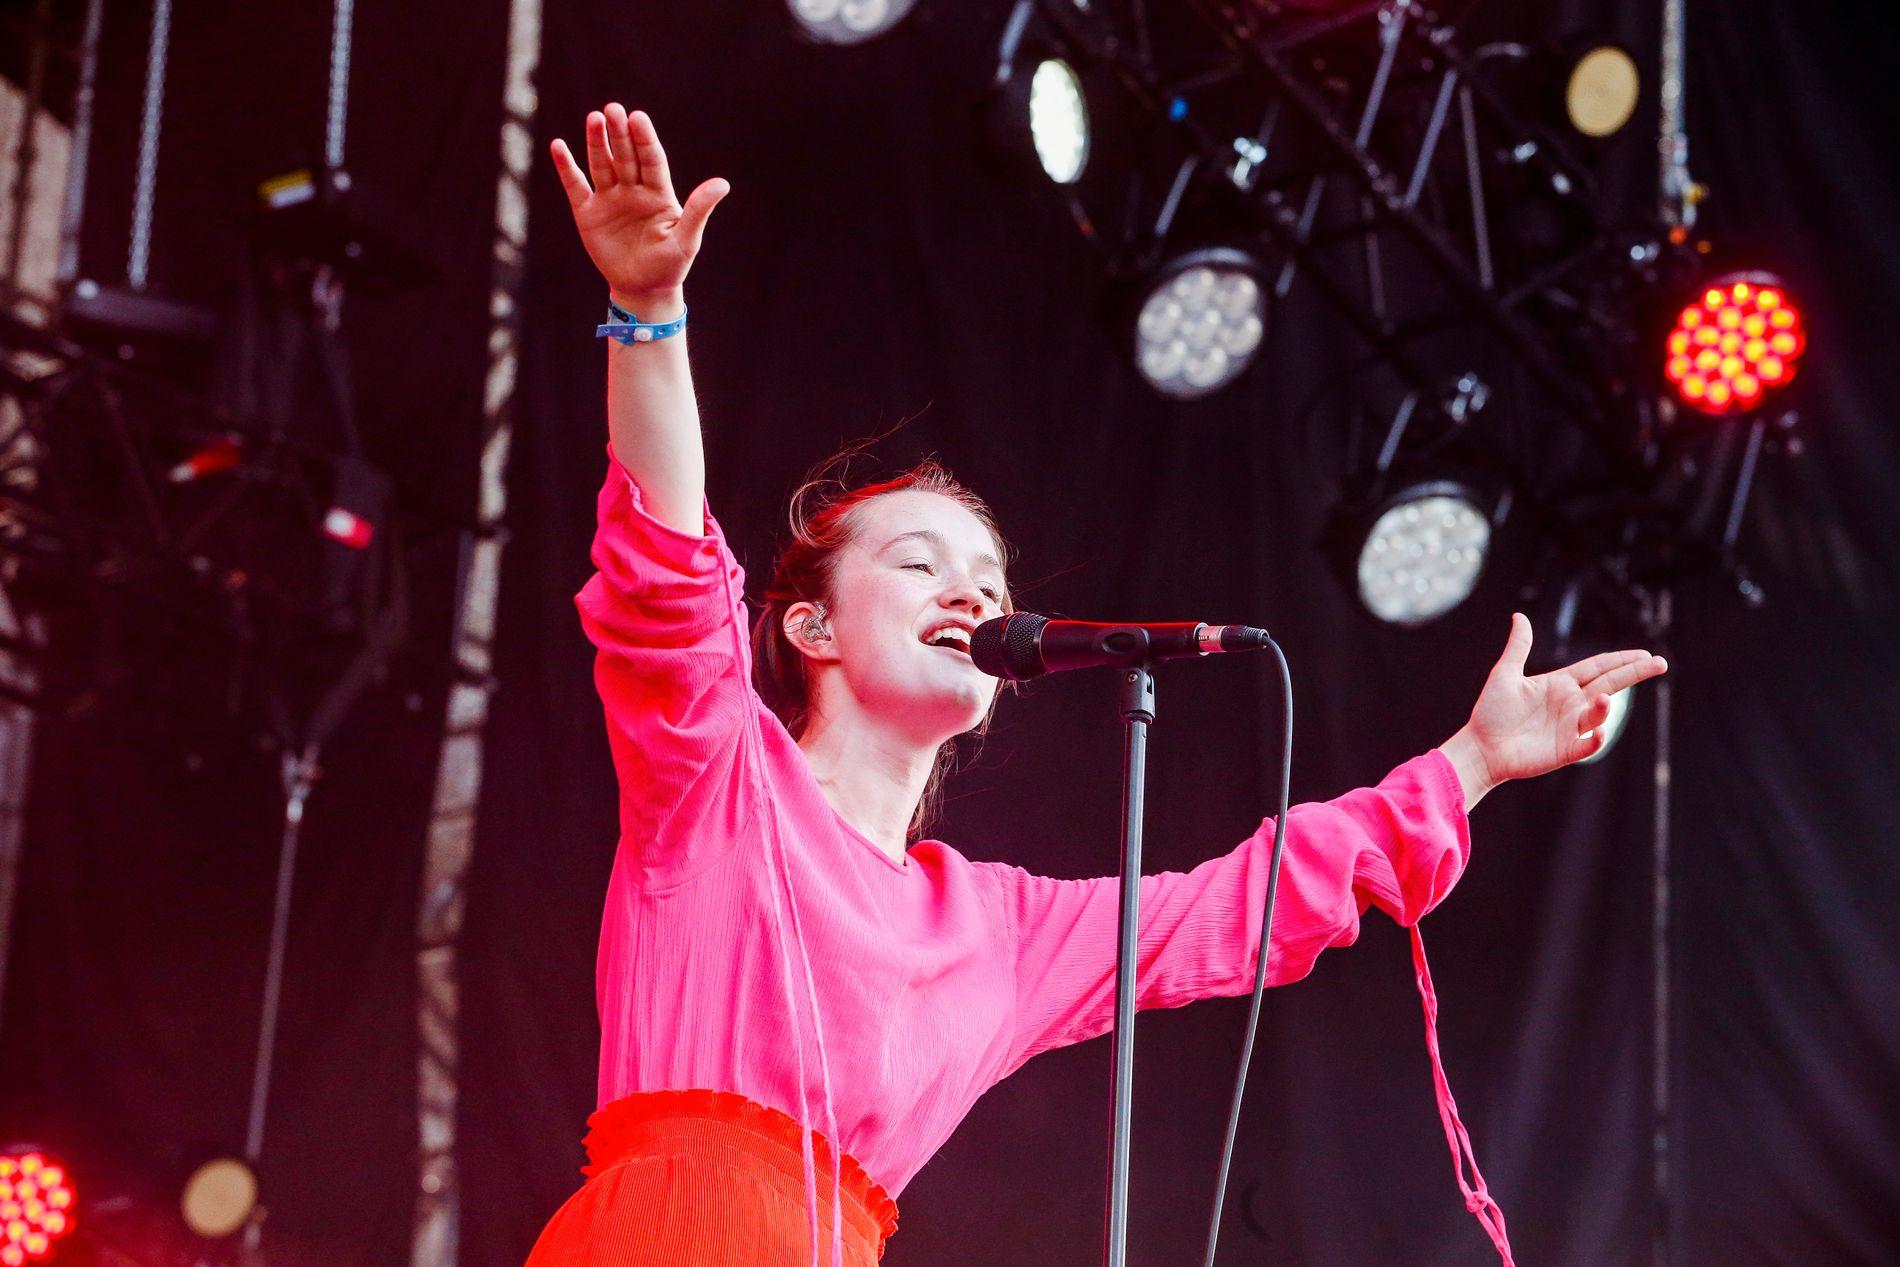 OPPTUR: Sigrid ga publikum på Stavernfestivalen en herlig konsert i sommervarmen. Dette  er fra Øyafestivalen i 2017.